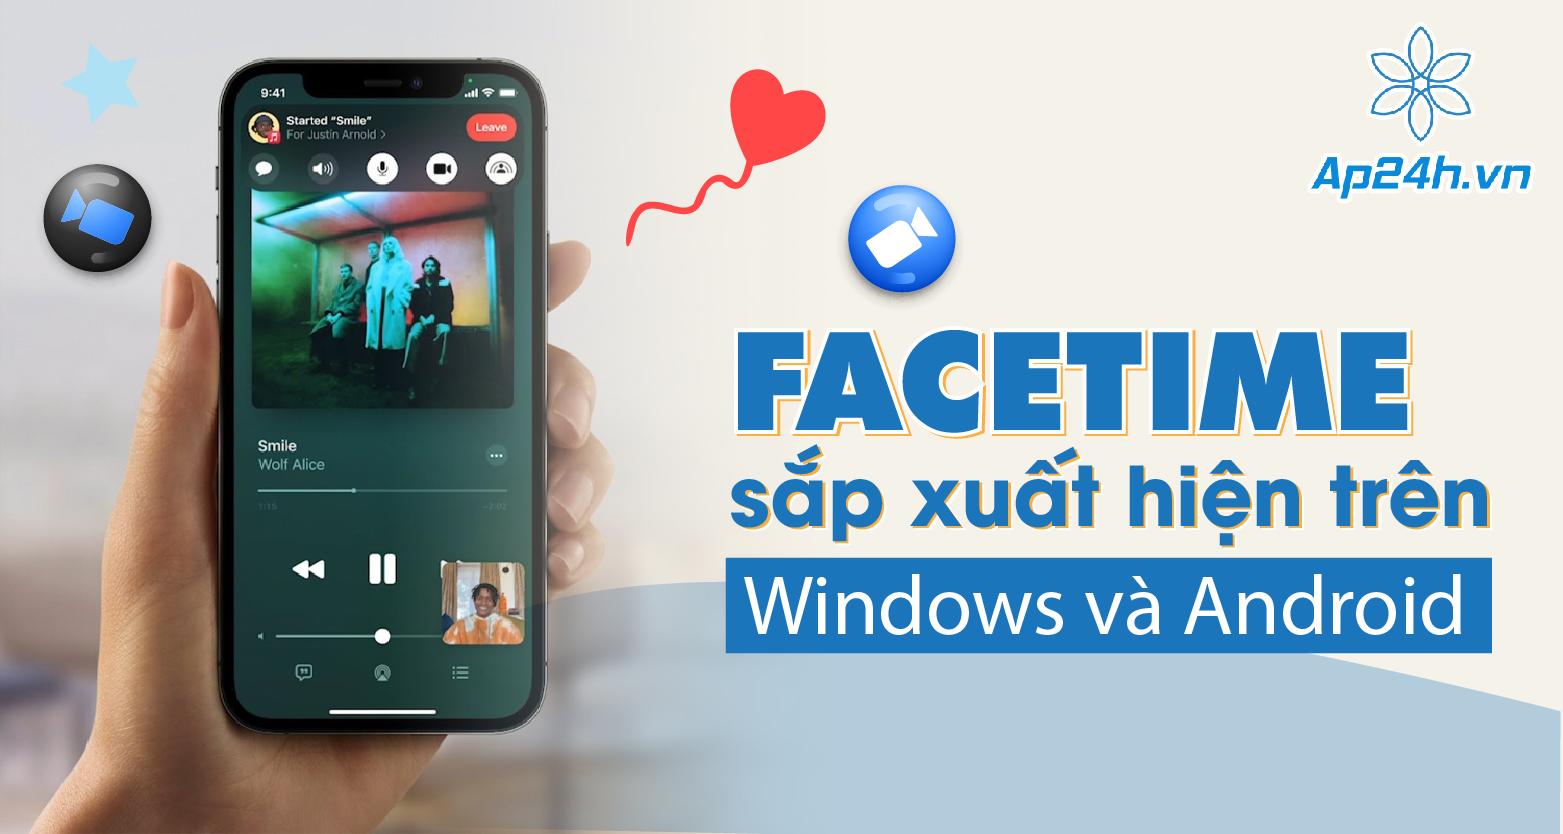 Thực hư nguồn tin Facetime sắp xuất hiện trên Windows và Android